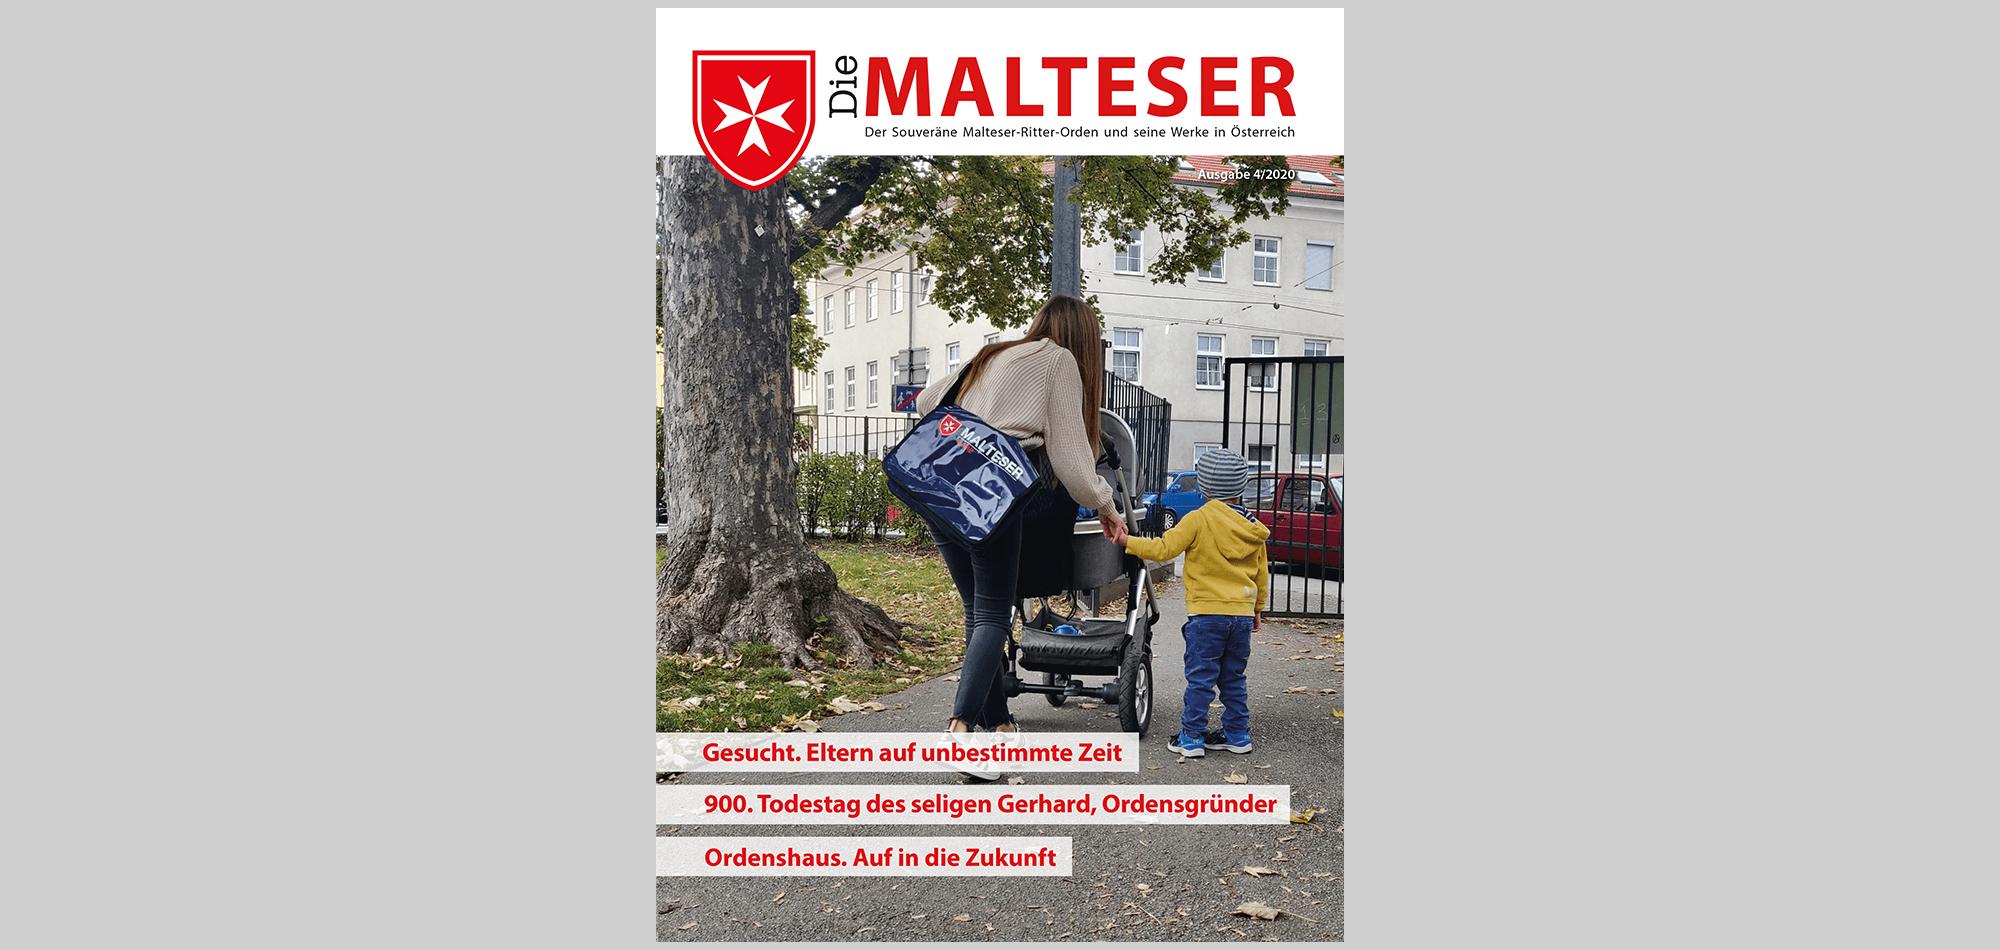 Malteserorden 2000x950 Zeitung Cover